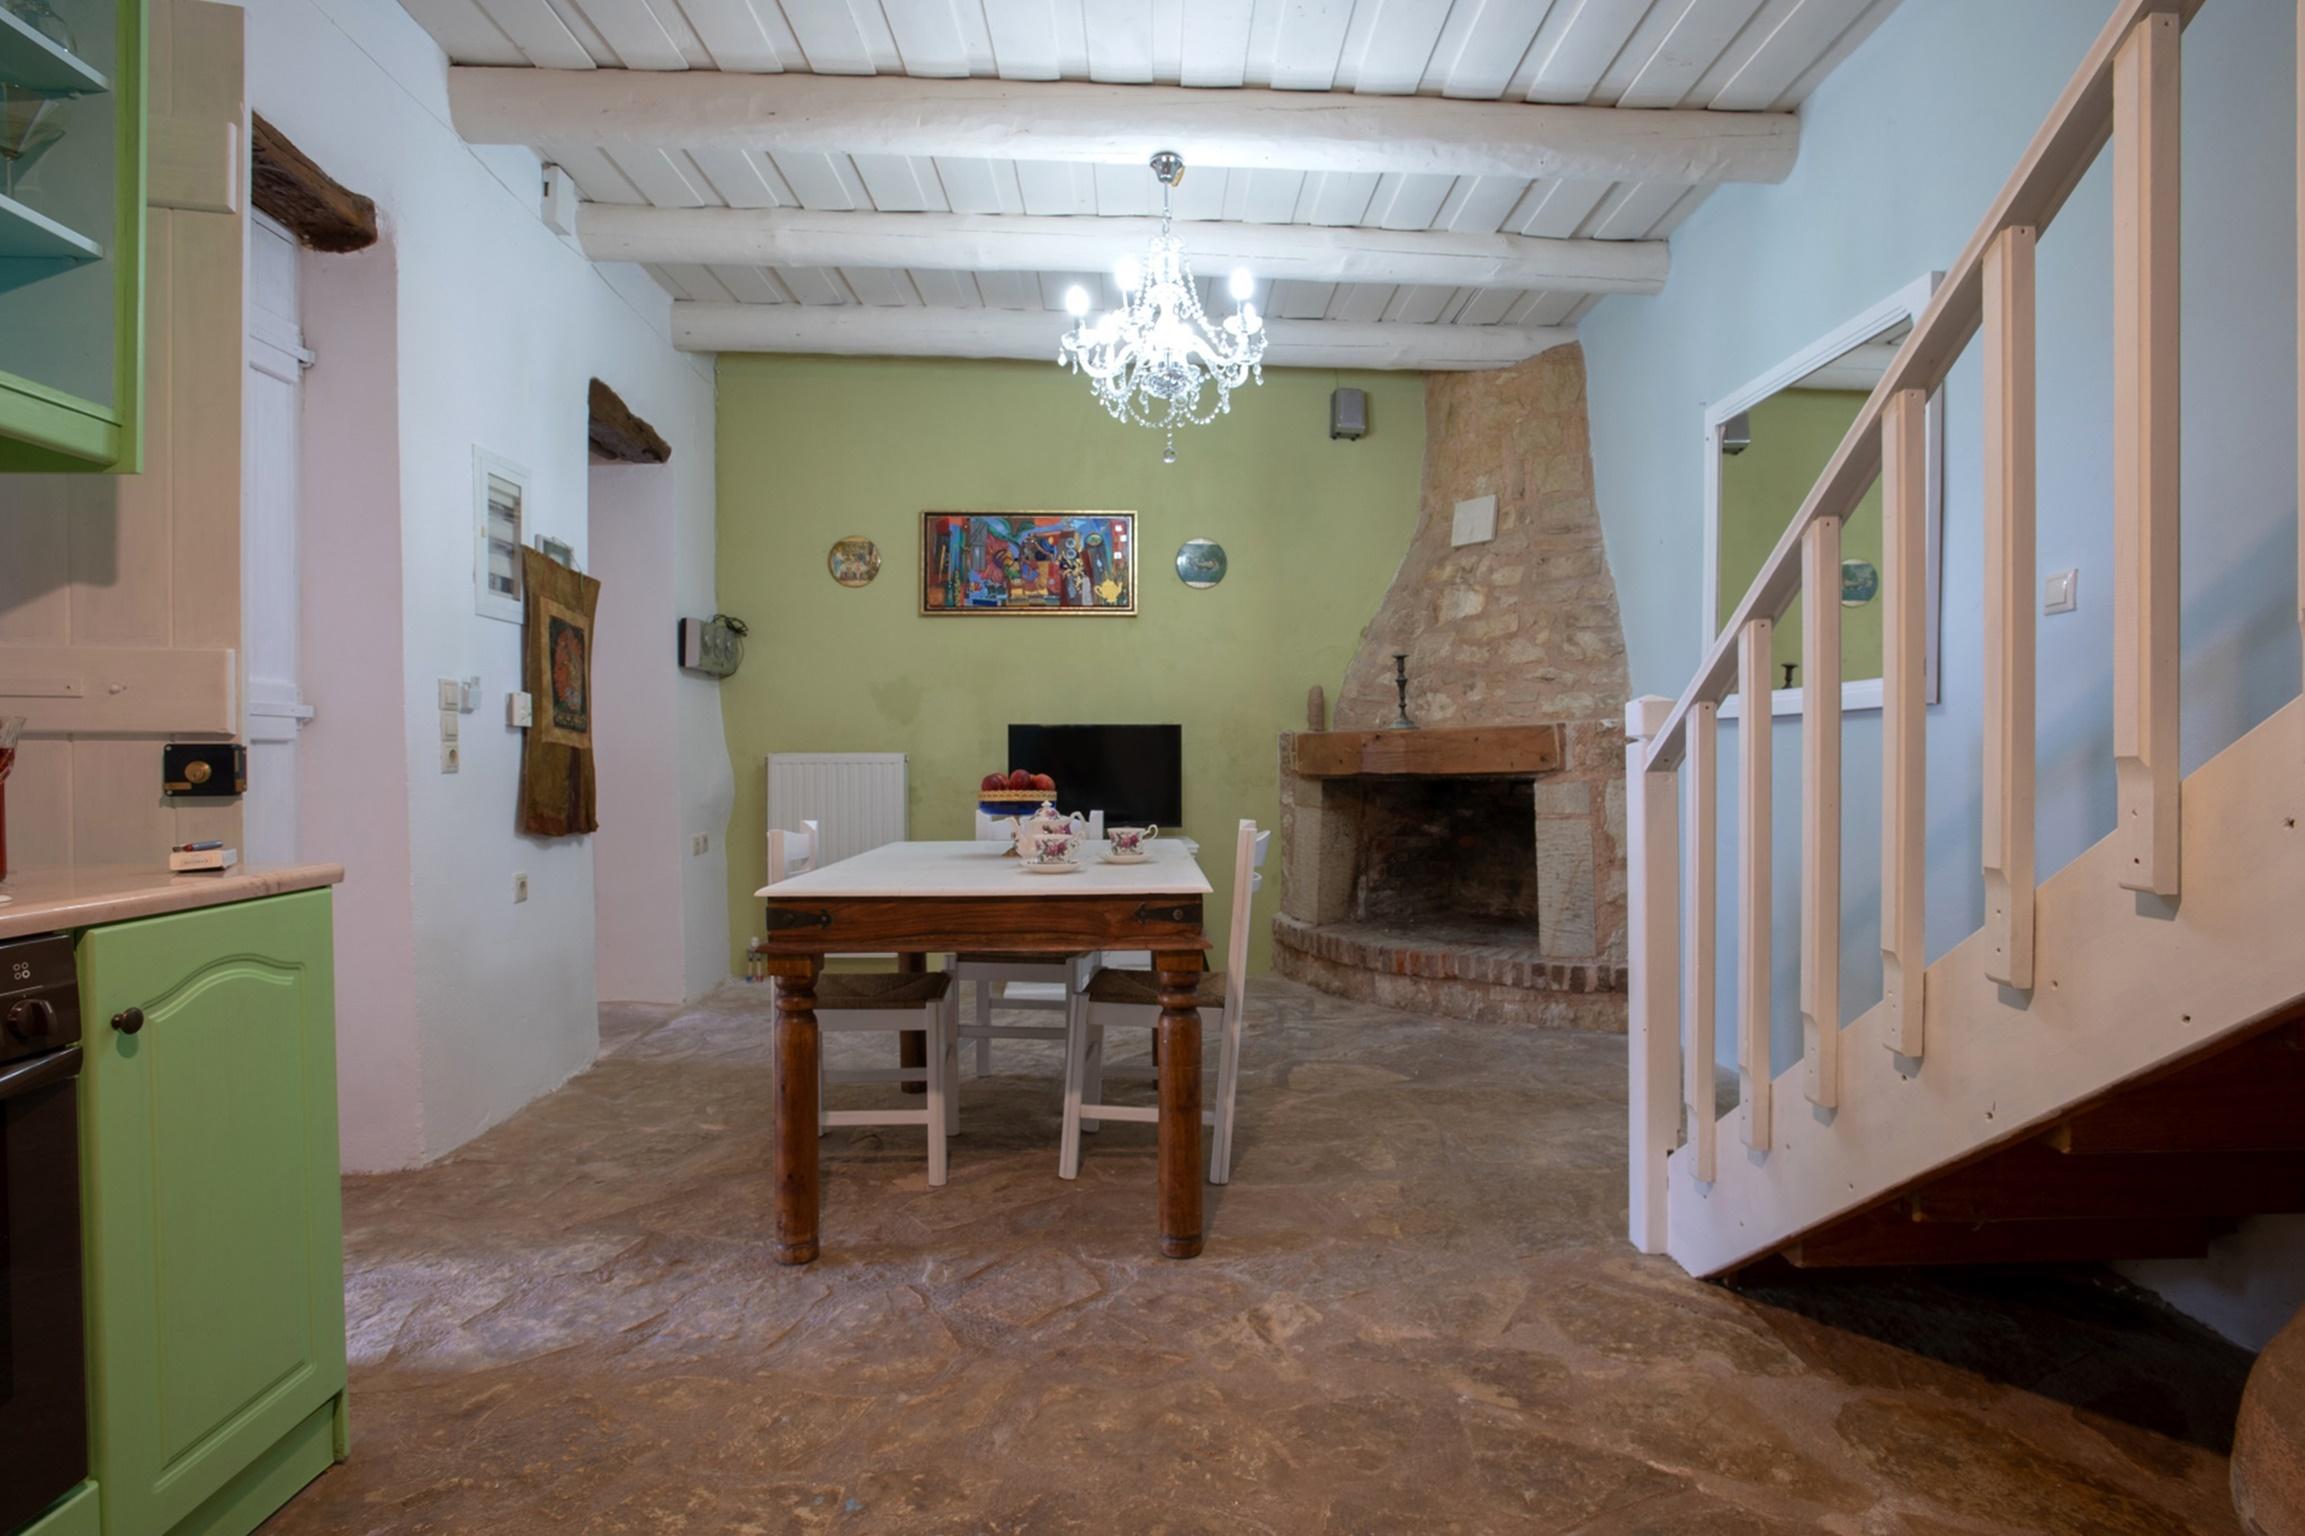 Ferienhaus Haus und Studio annektiert - Ideal groe Familien - kleines Dorf, nahe Strnde (2598996), Neon Khorion Kriti, Kreta Nordküste, Kreta, Griechenland, Bild 8